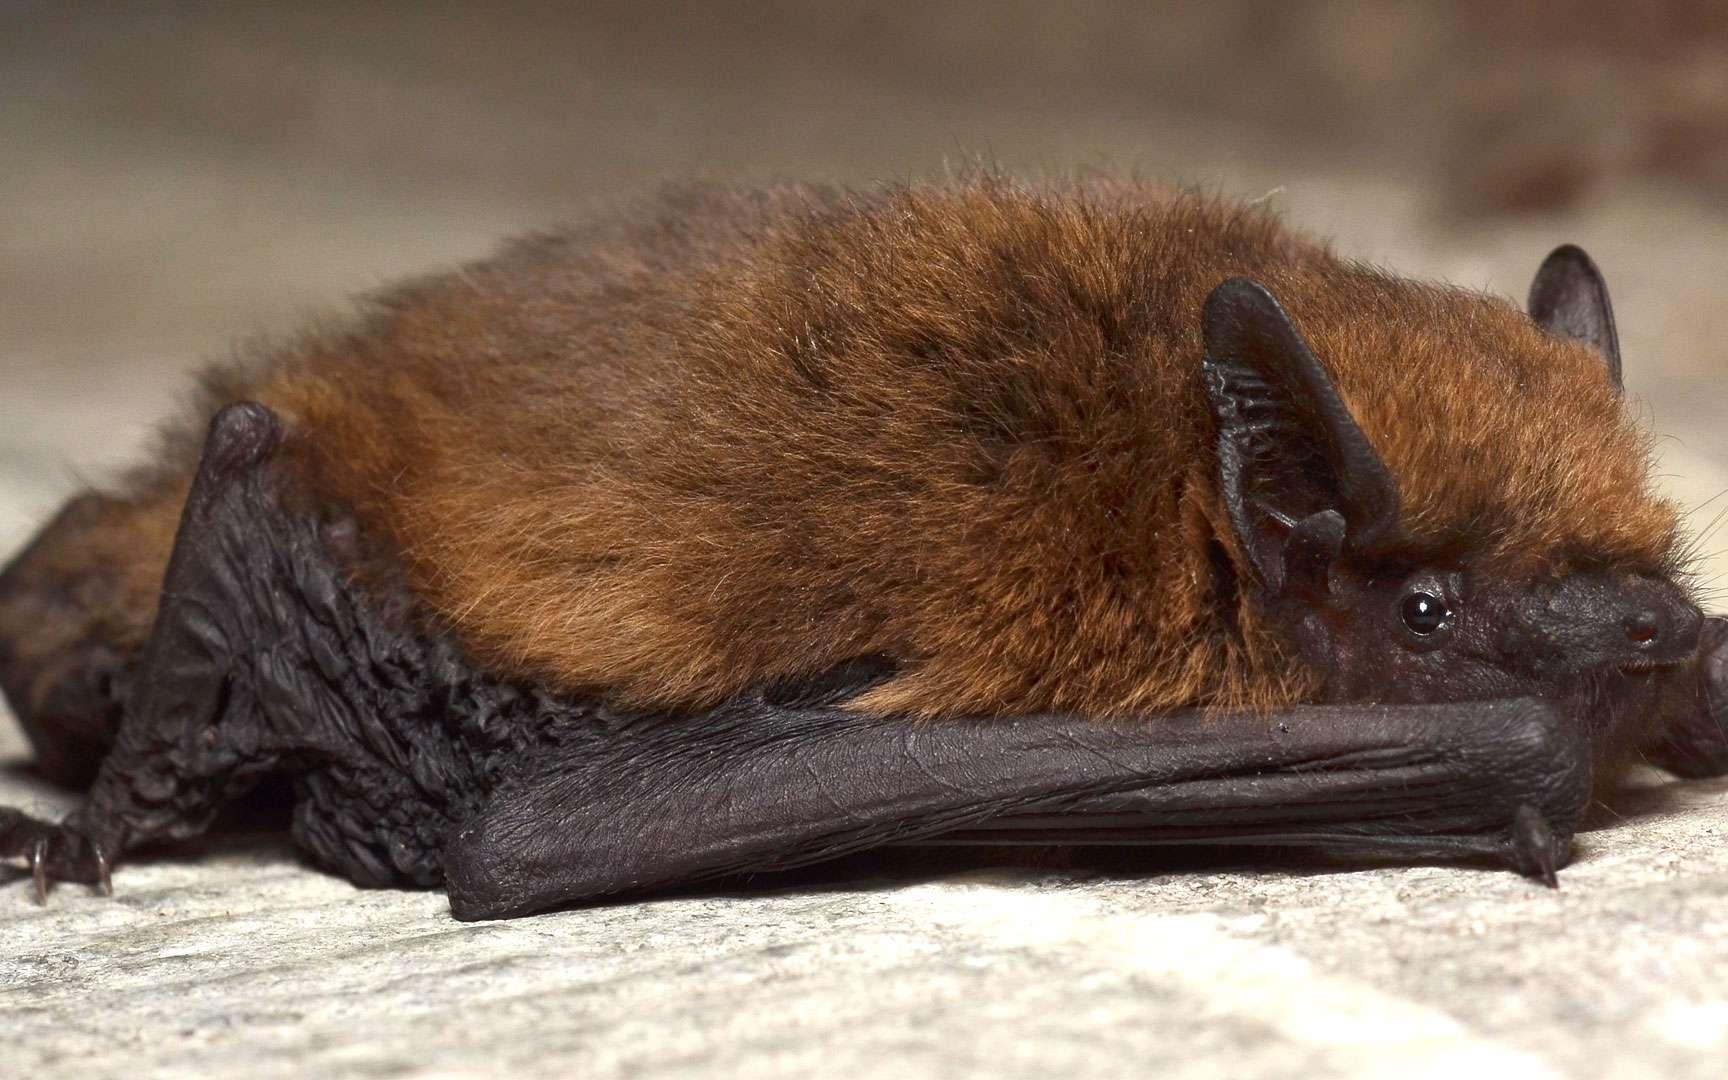 La pipistrelle commune — connue des spécialistes sous le nom de Pipistrellus pipistrellus — est une petite chauve-souris — elle pèse moins de 8 grammes — que l'on rencontre communément en Europe. Elle est notamment très répandue en France. Elle n'en reste pas moins une espèce protégée.Elle se nourrit de moustiques et de petits insectes nocturnes trouvés à proximité des points d'eau, des jardins… ou des lampadaires. Il parait qu'une seule pipistrelle peut capturer, grâce à un vol rapide et papillonnant, jusqu'à 600 insectes par heure de chasse. Elle aime ensuite se cacher dans les défauts des habitations humaines ou même dans les greniers ou derrière les volets. On la dit anthropophile. © Gilles San Martin, Wikimedia, CC by-sa 2.0